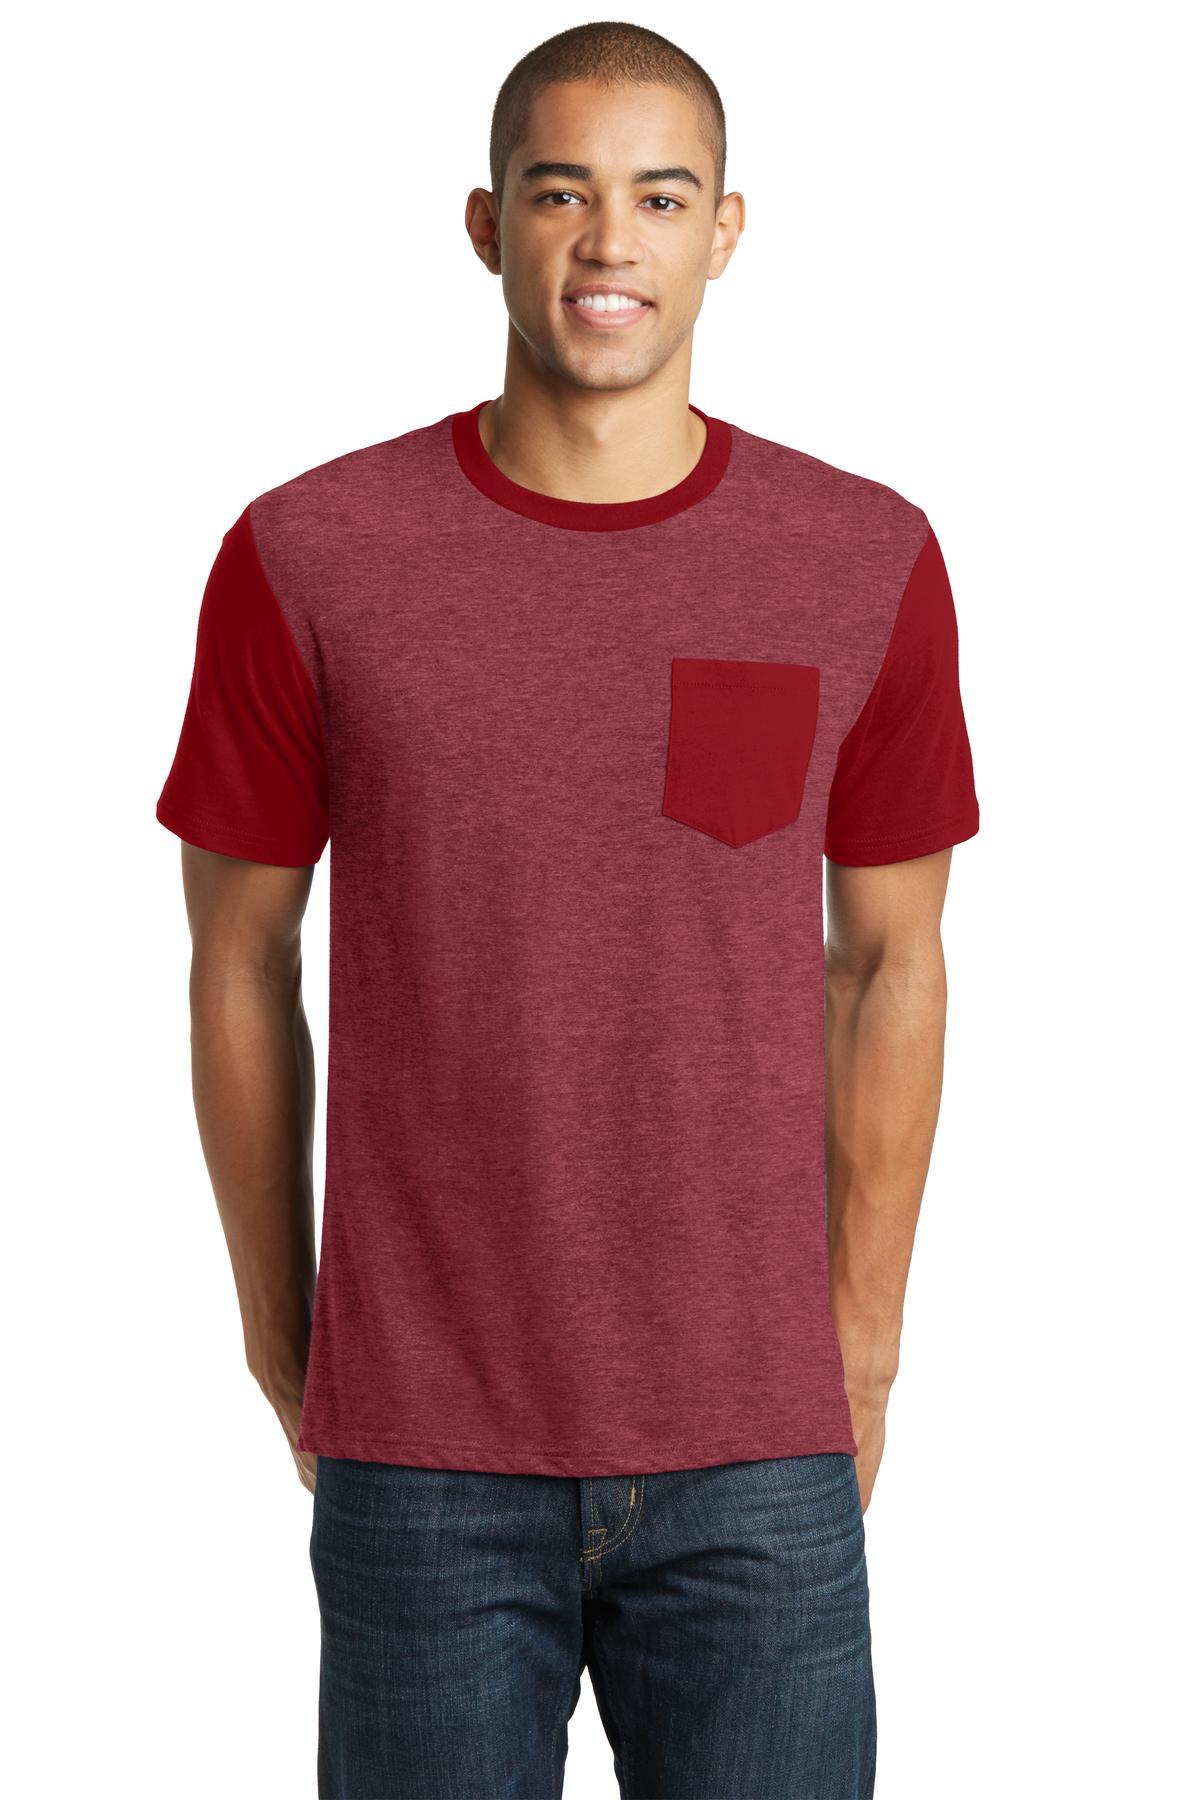 T-Shirts-Juniors-Young-Men-61